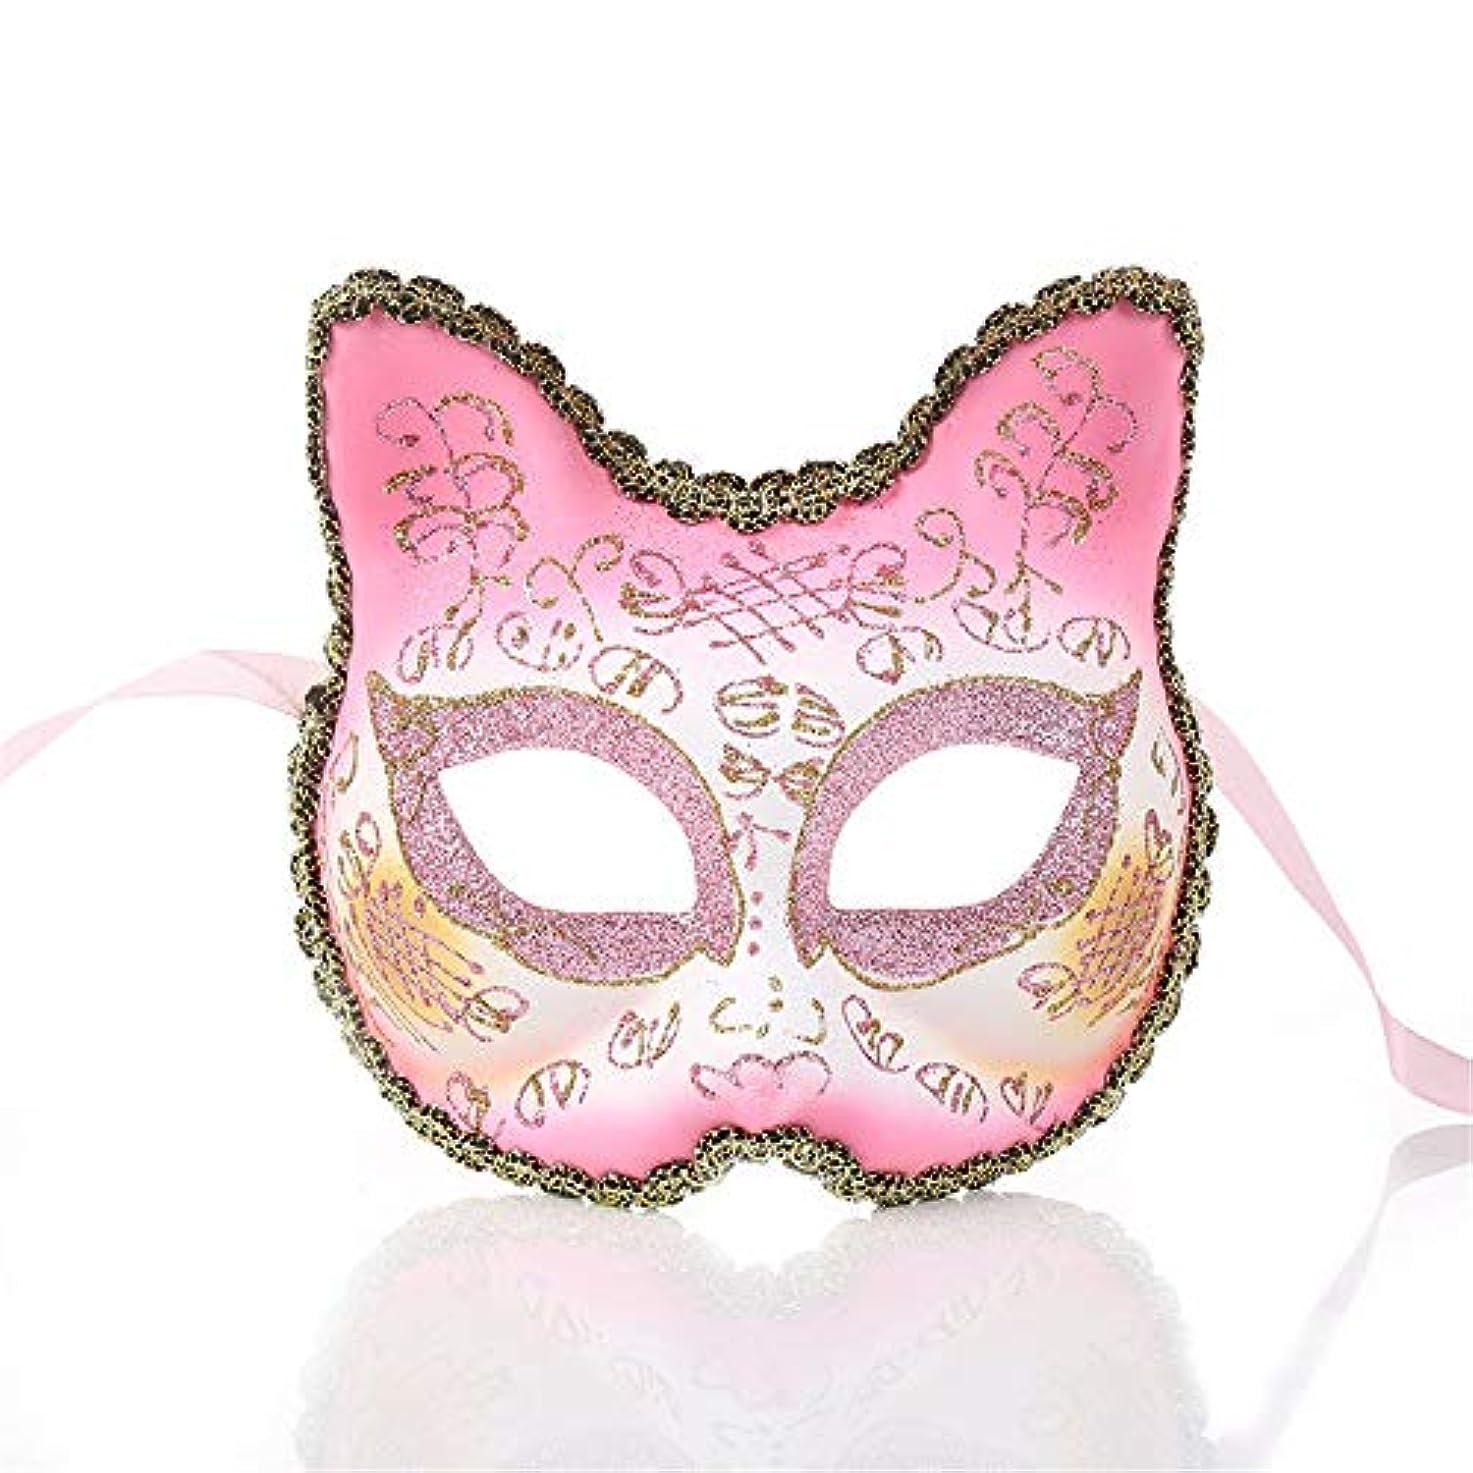 わずらわしい縮れたカートンダンスマスク ワイルドマスカレードロールプレイングパーティーの小道具ナイトクラブのマスクの雰囲気クリスマスフェスティバルロールプレイングプラスチックマスク ホリデーパーティー用品 (色 : ピンク, サイズ : 13x13cm)